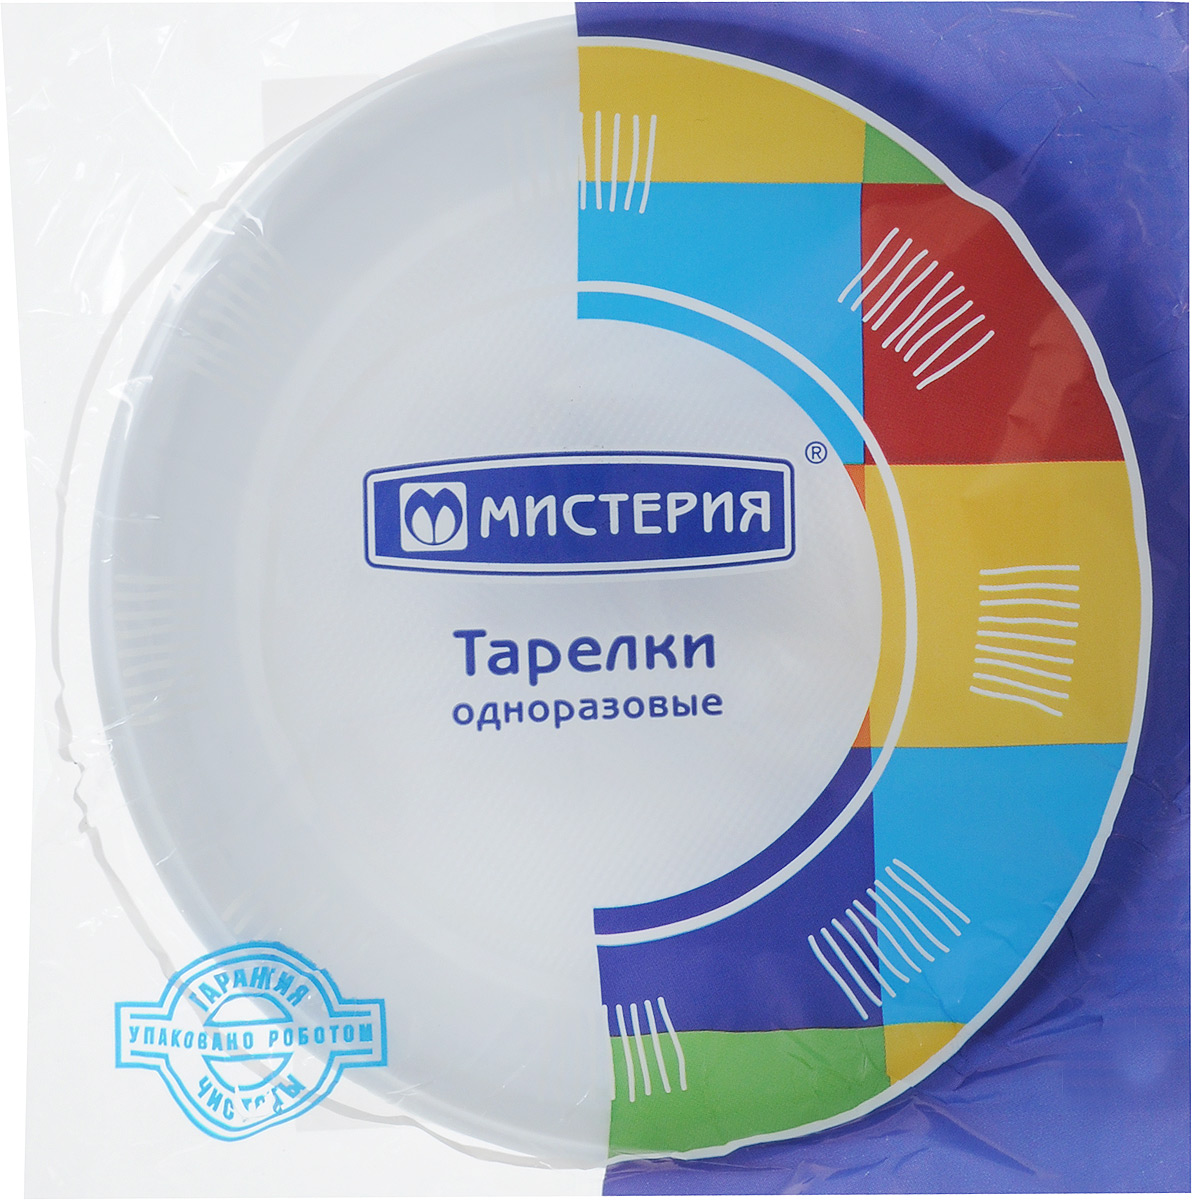 Набор одноразовых десертных тарелок Мистерия, цвет: белый, диаметр 17 см, 12 штПОС08743Набор Мистерия состоит из 12 круглых десертных тарелок, выполненных из полистирола и предназначенных для одноразового использования. Подходят для холодных и горячих пищевых продуктов.Одноразовые тарелки будут незаменимы при поездках на природу, пикниках и других мероприятиях. Они не займут много места, легки и самое главное - после использования их не надо мыть.Диаметр тарелки: 17 см.Высота тарелки: 1,5 см.